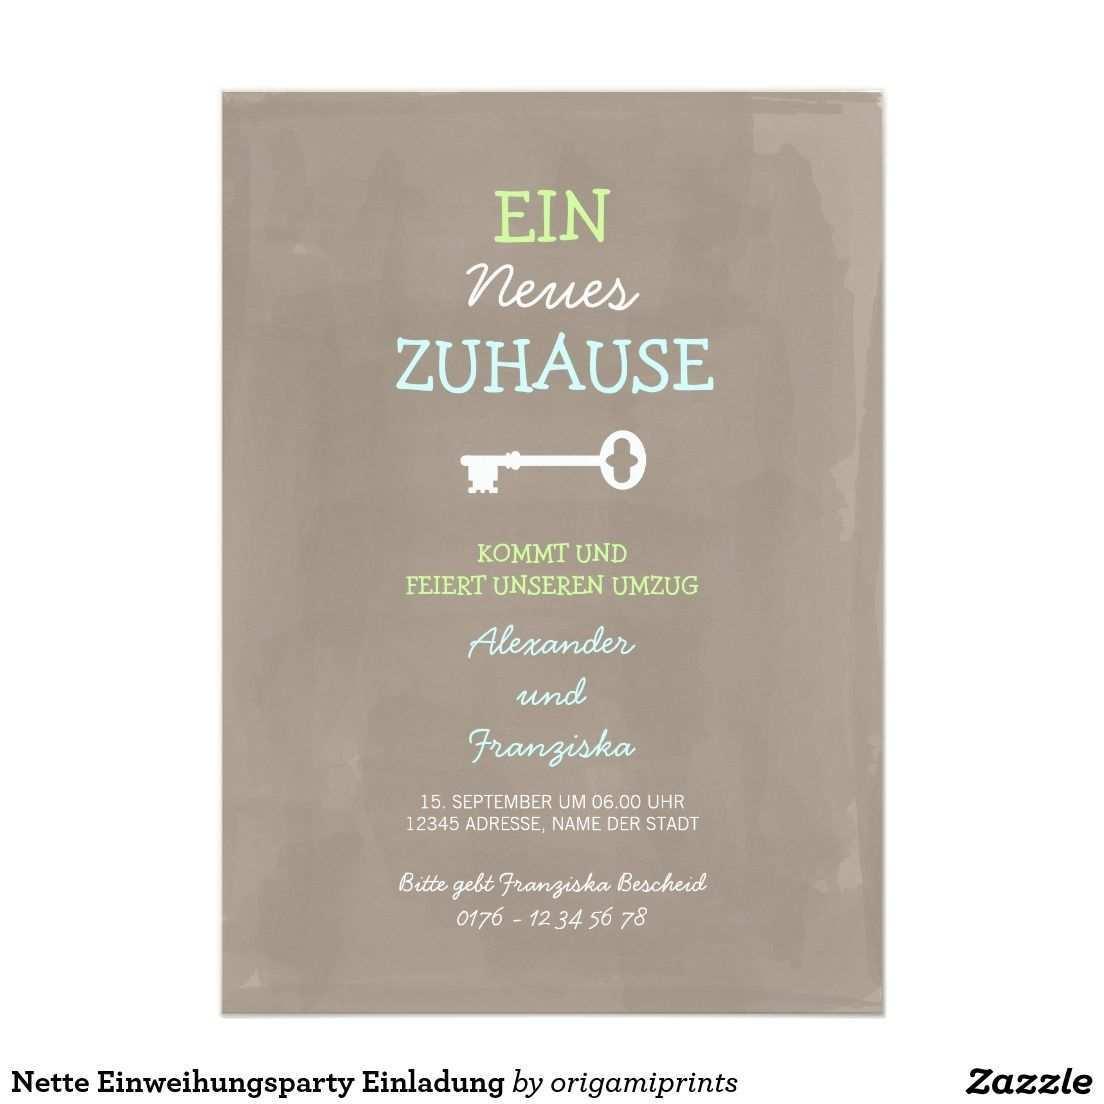 Nette Einweihungsparty Einladung Zazzle De Einweihungsparty Einladung Richtfest Und Einladungen